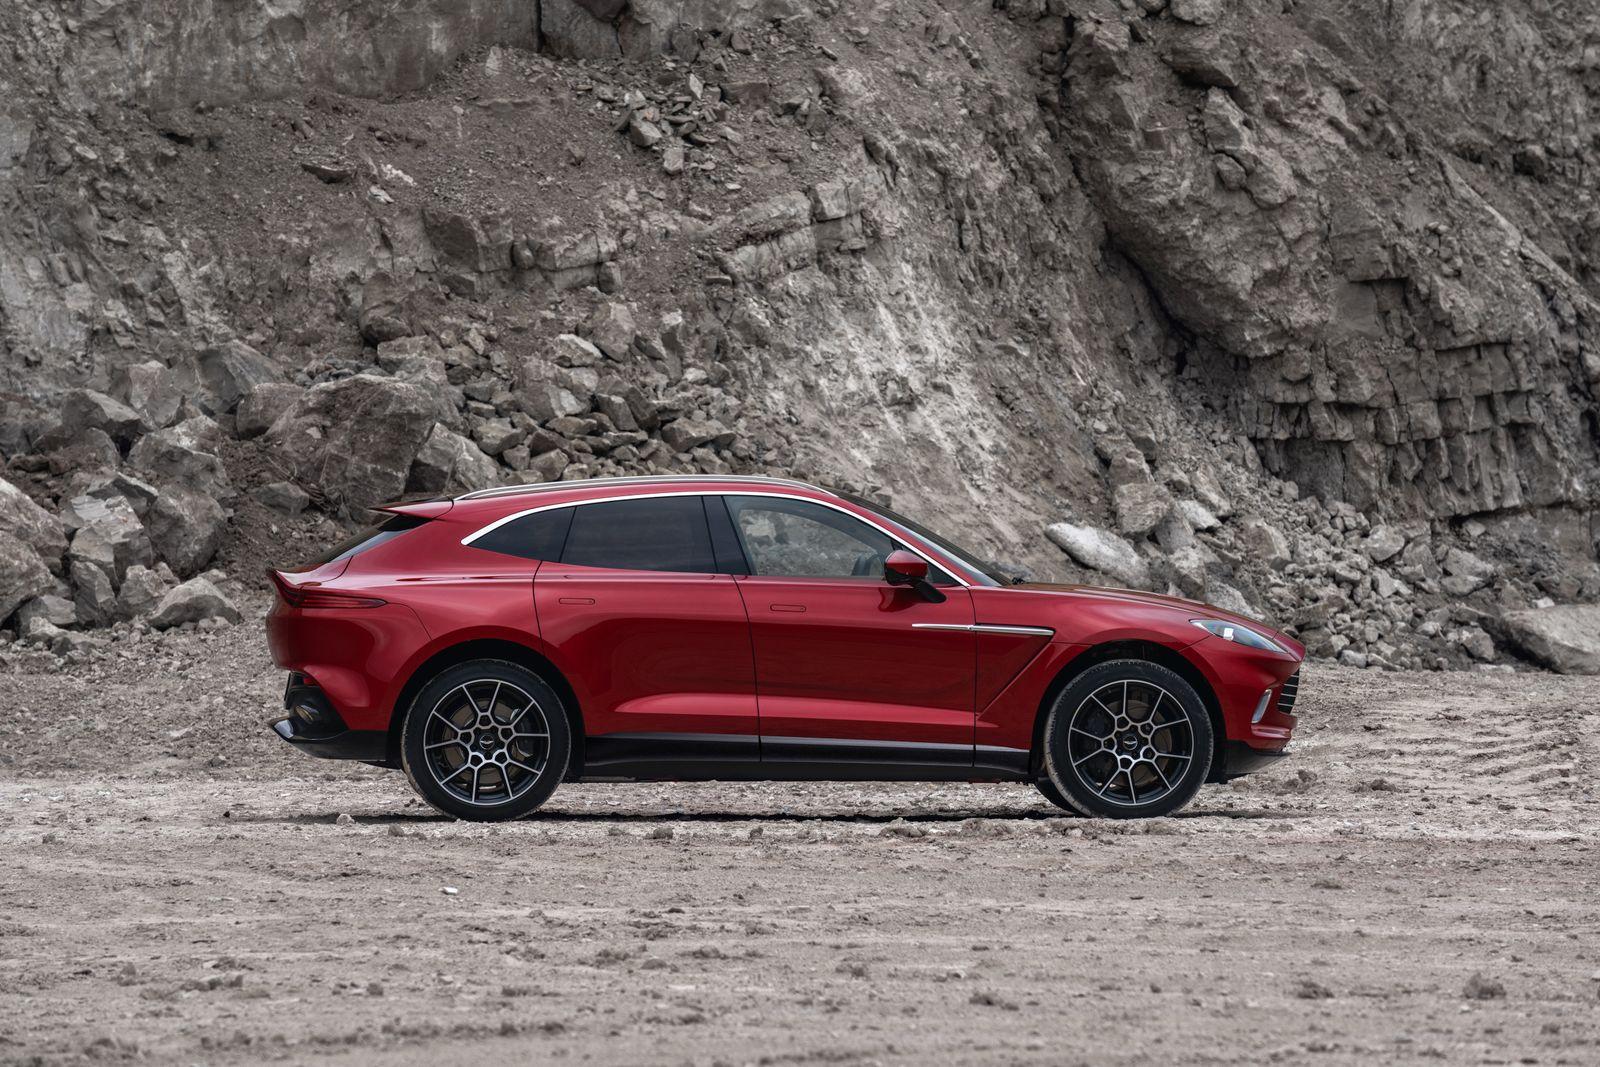 Aston Martin DBX / Seitenansicht